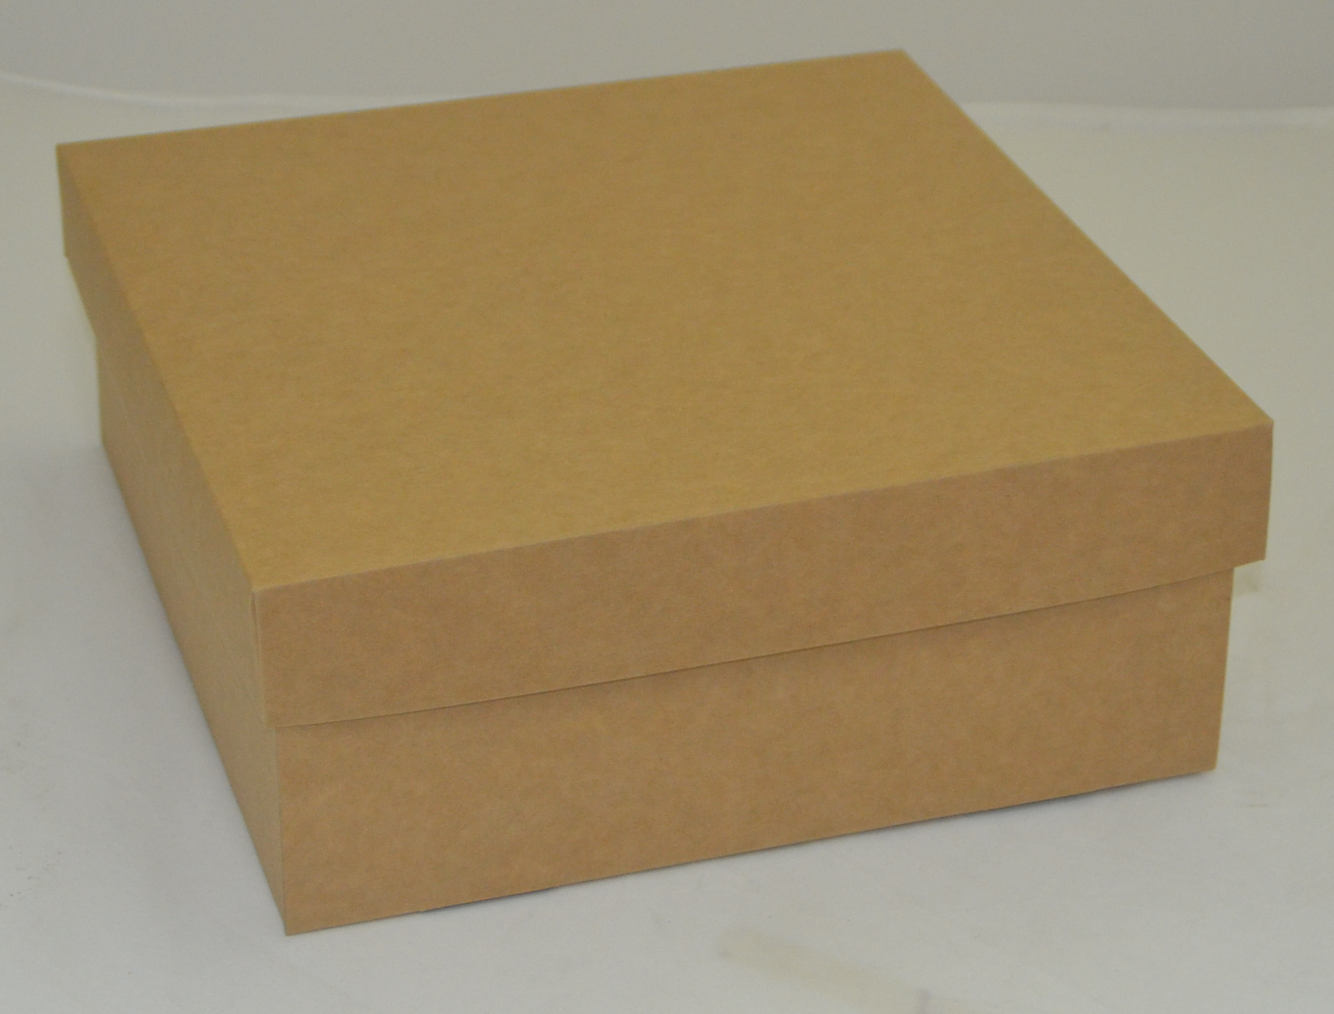 קופסא עם מכסה